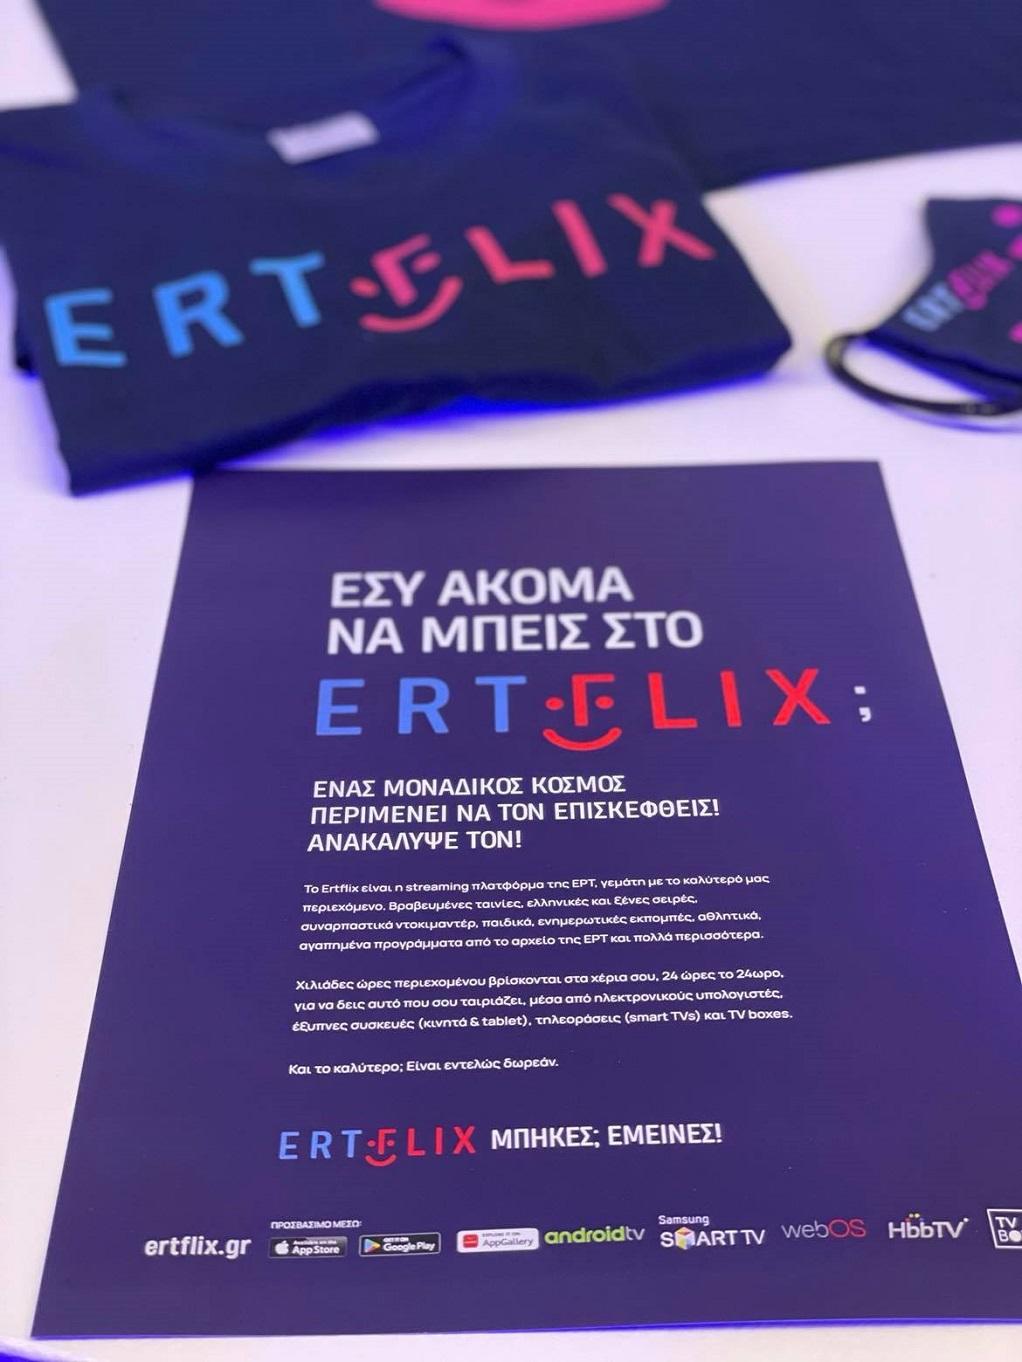 ERTFLIX